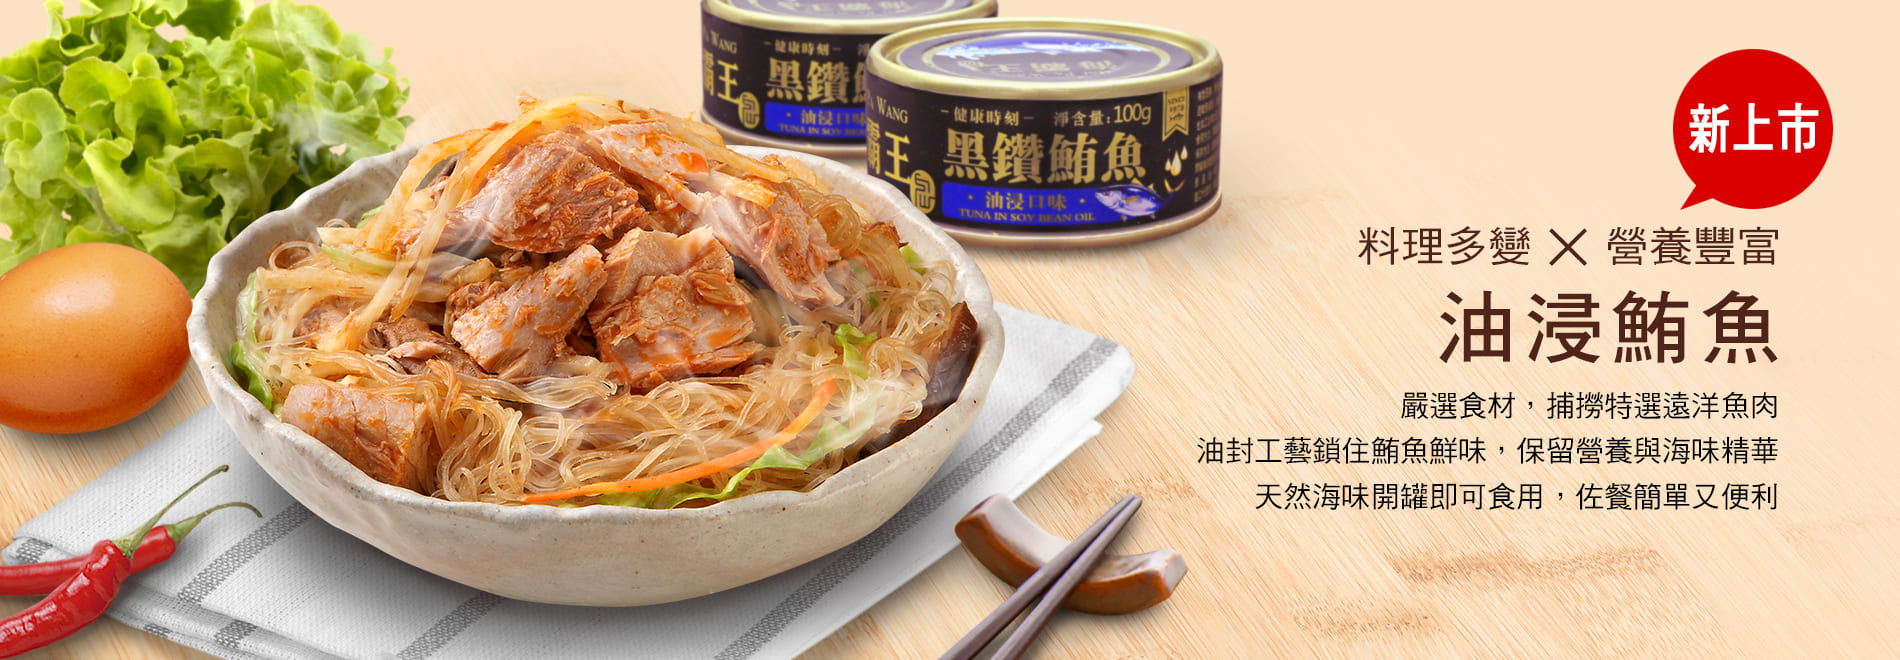 油浸鮪魚禮盒(48入)